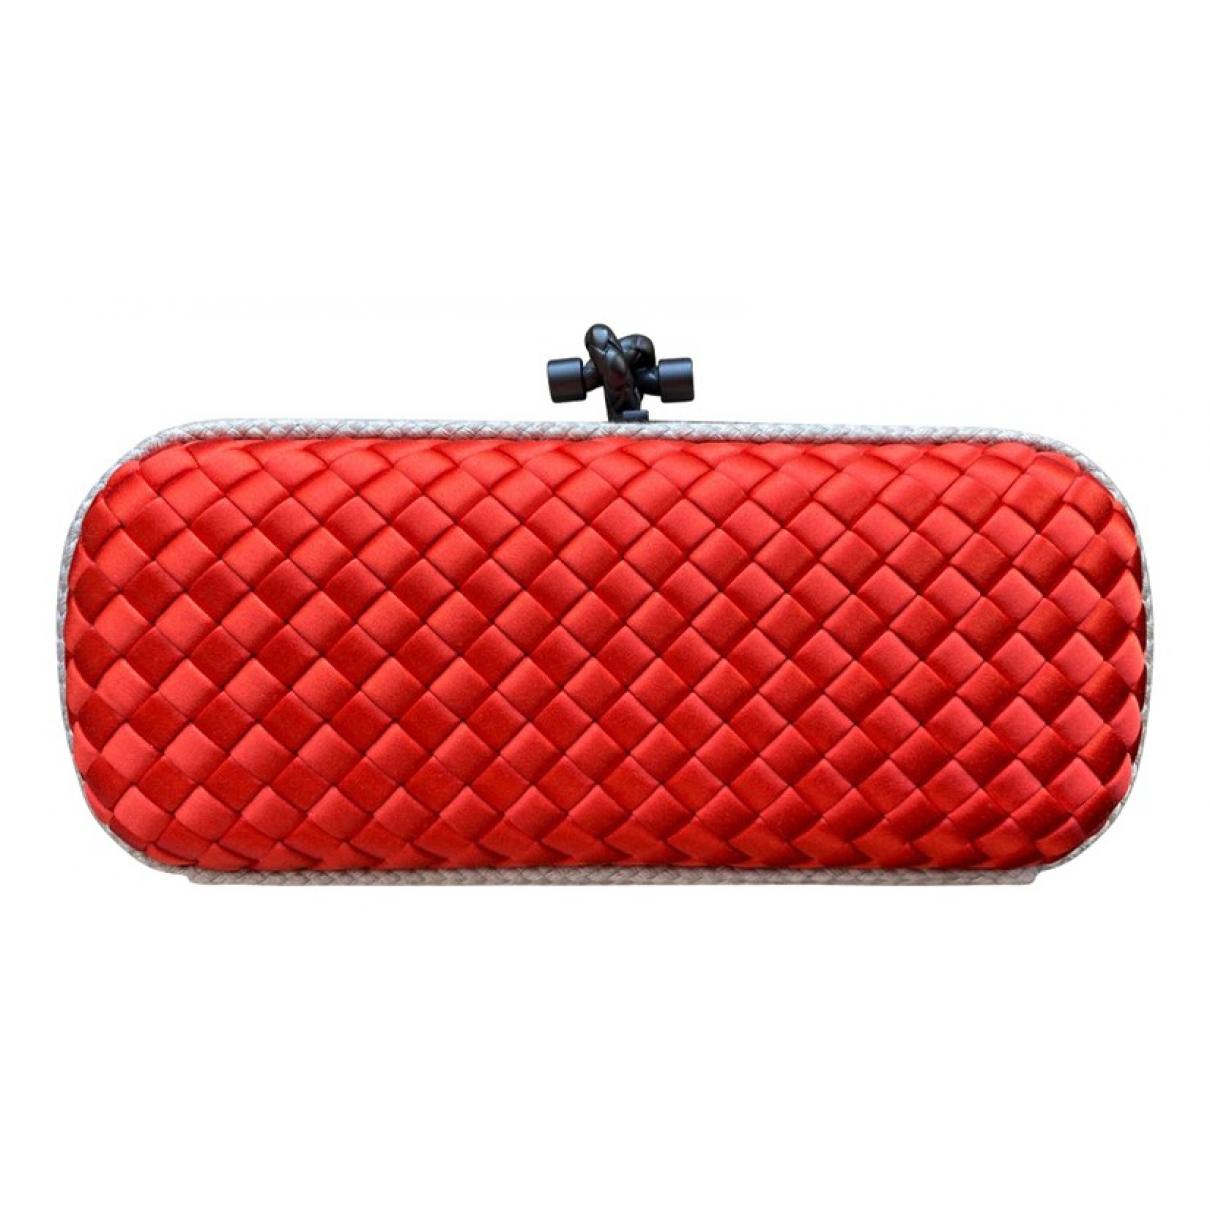 Bottega Veneta - Pochette Pochette Knot pour femme en soie - rouge